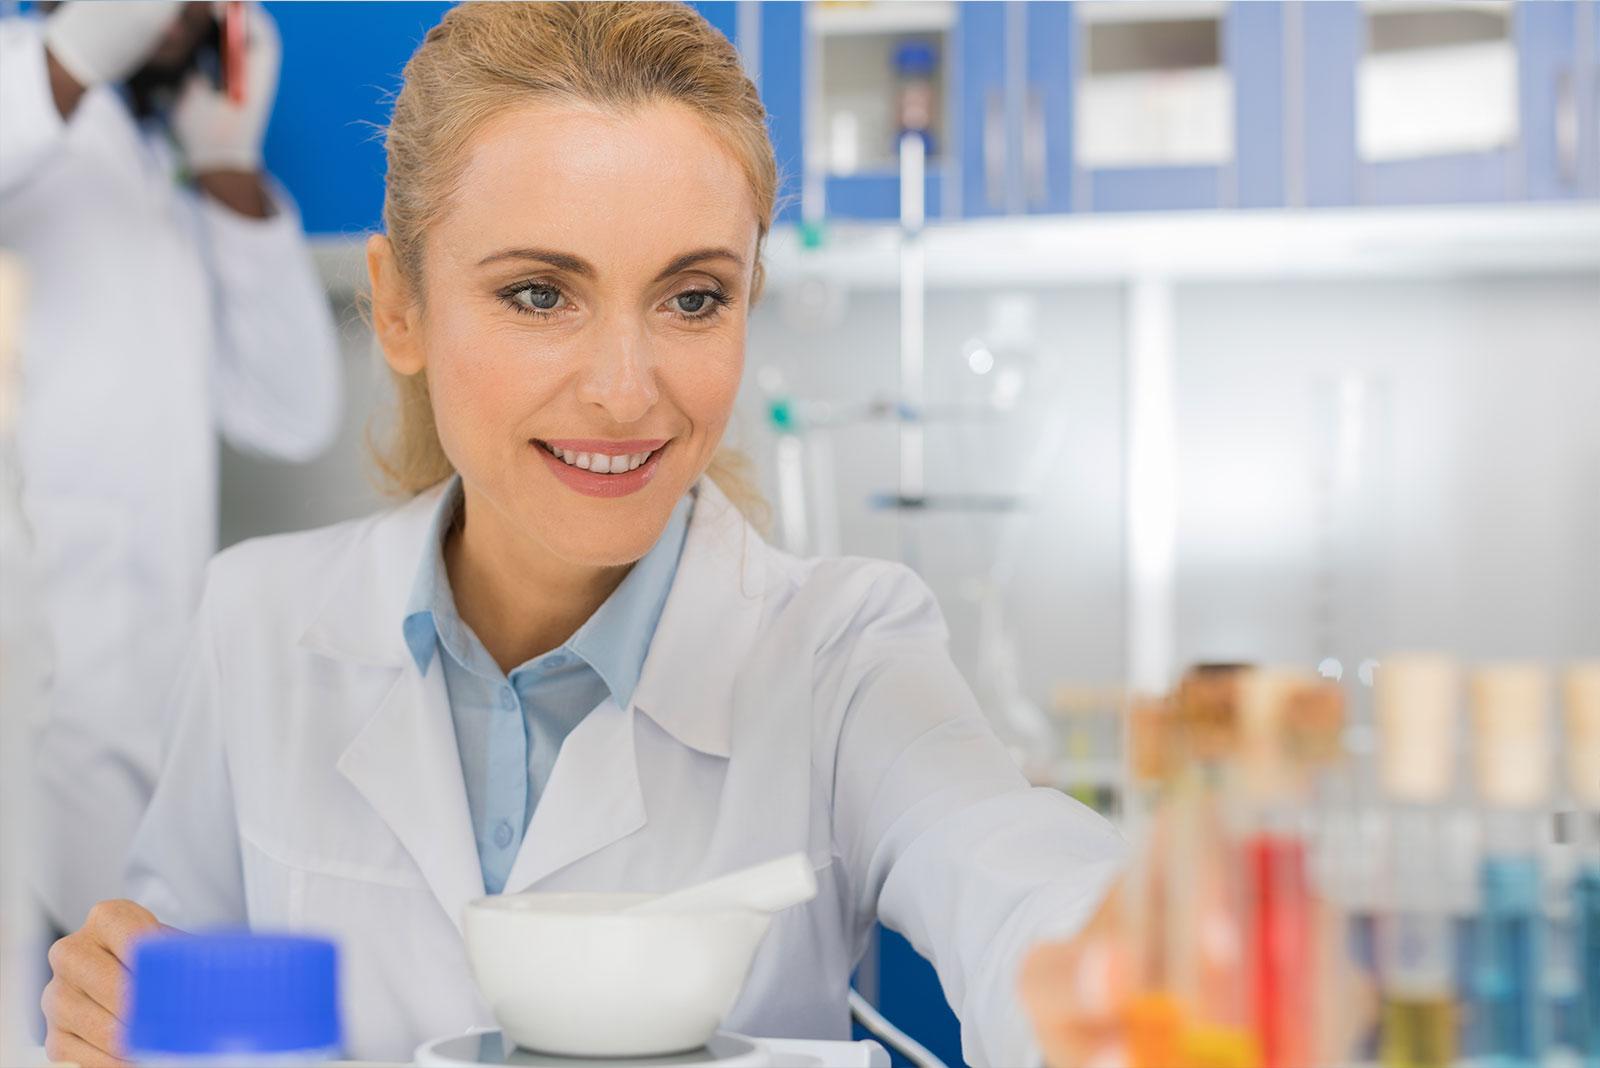 ¿Qué es la medicina genómica?